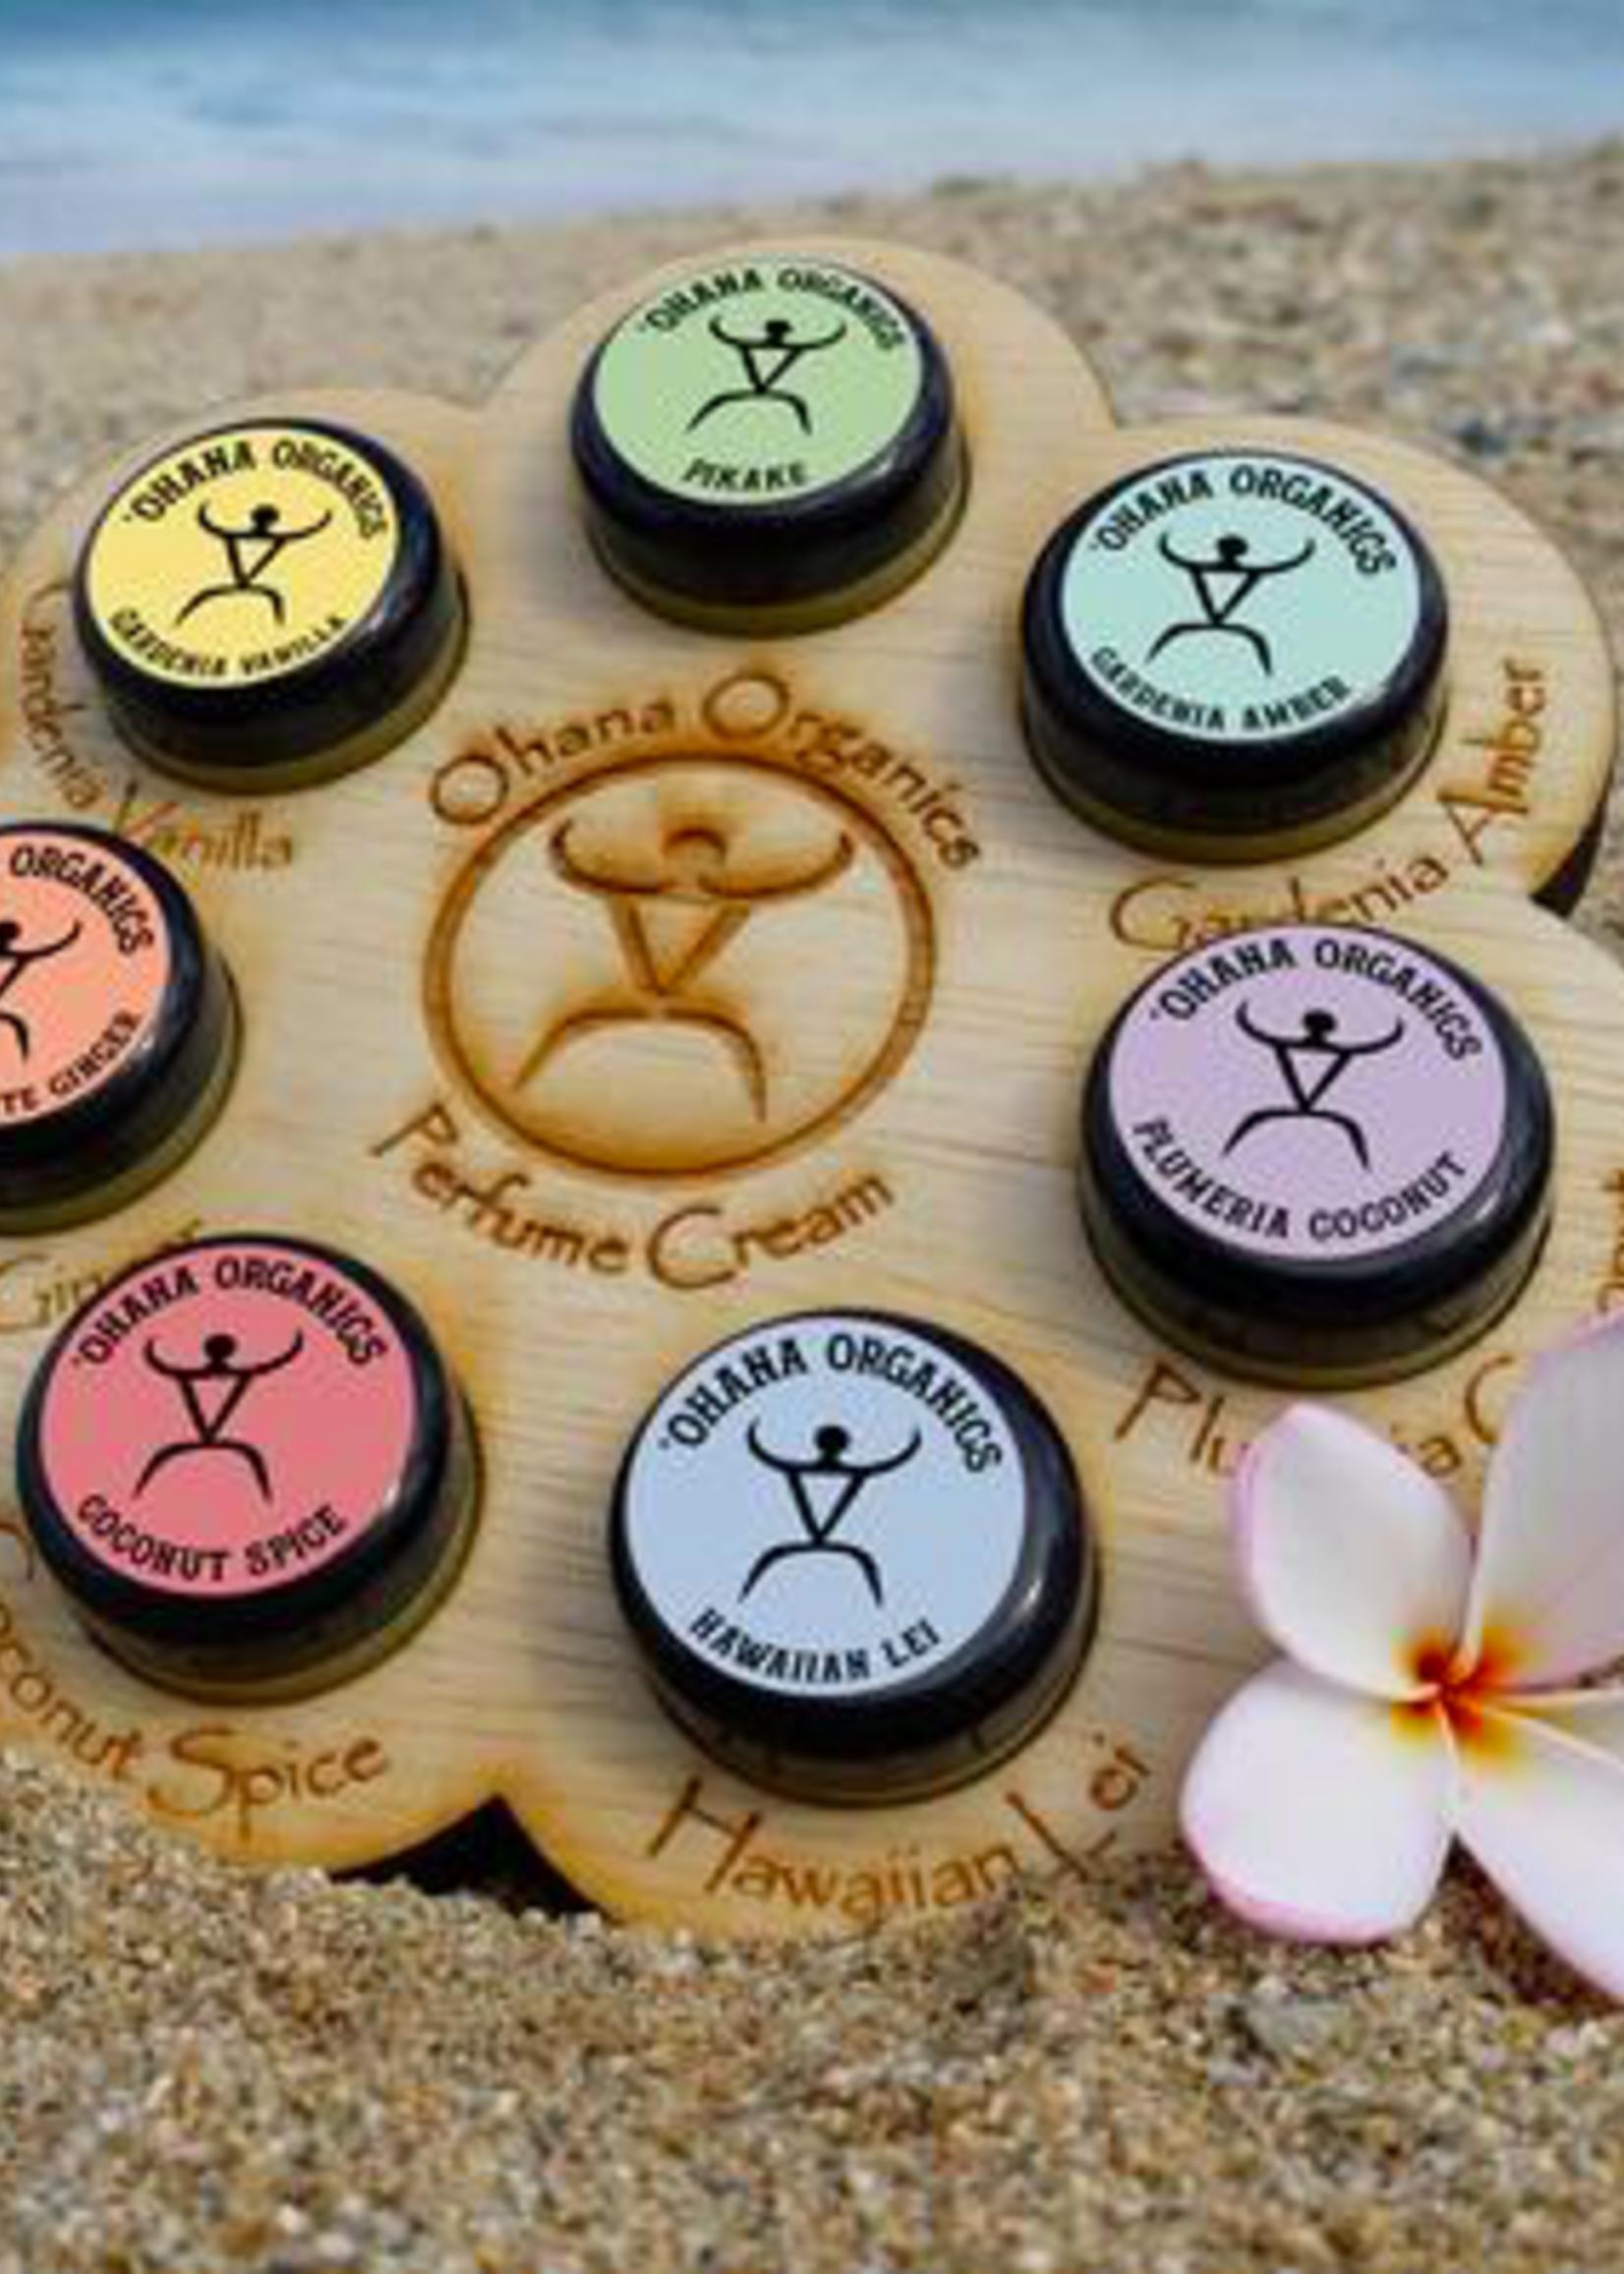 Plumeria Coconut Organic Solid Perfume Cream - Travel Size